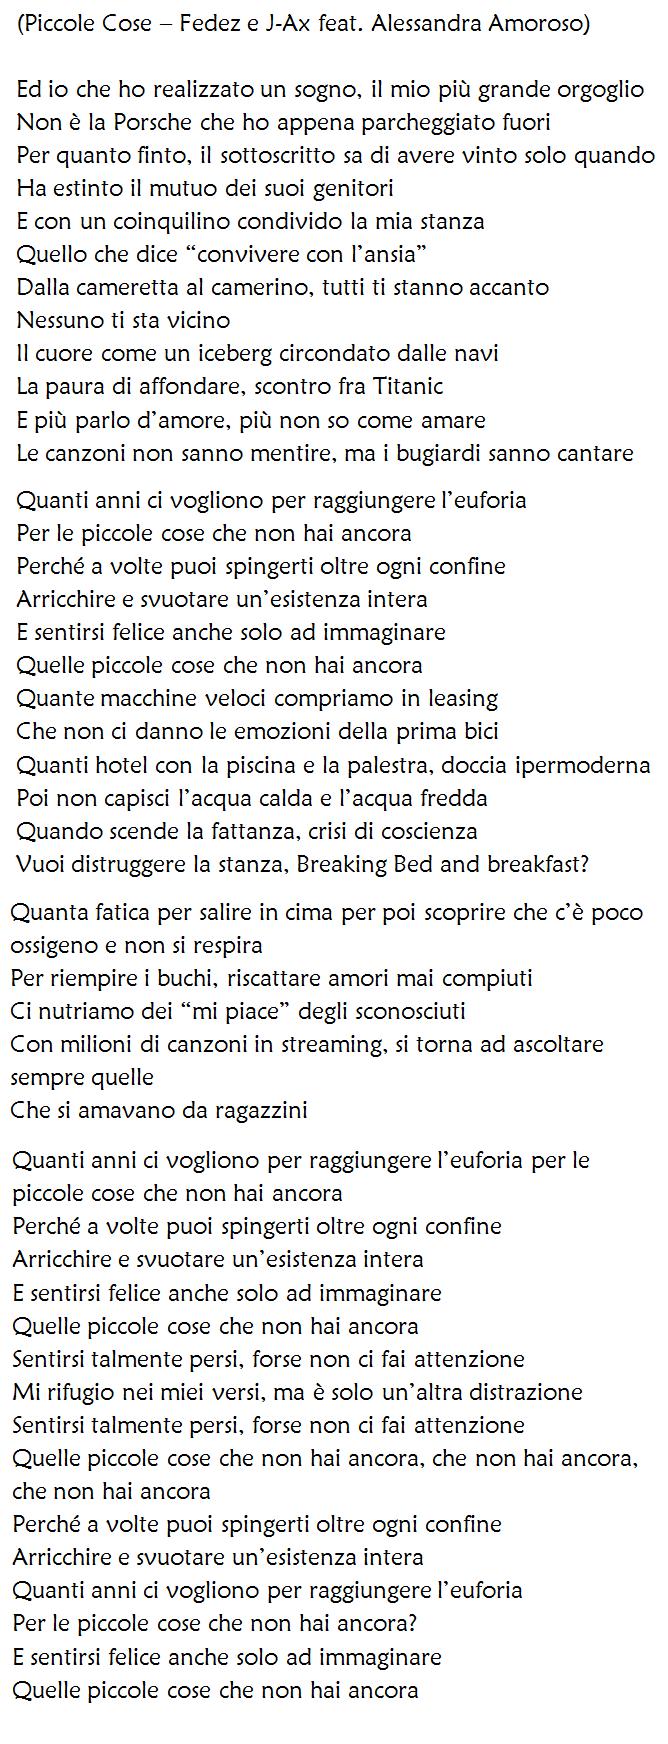 Piccole Cose di Fedez e J Ax, testo e significato del singolo con Alessandra Amoroso dal nuovo album Comunisti col Rolex